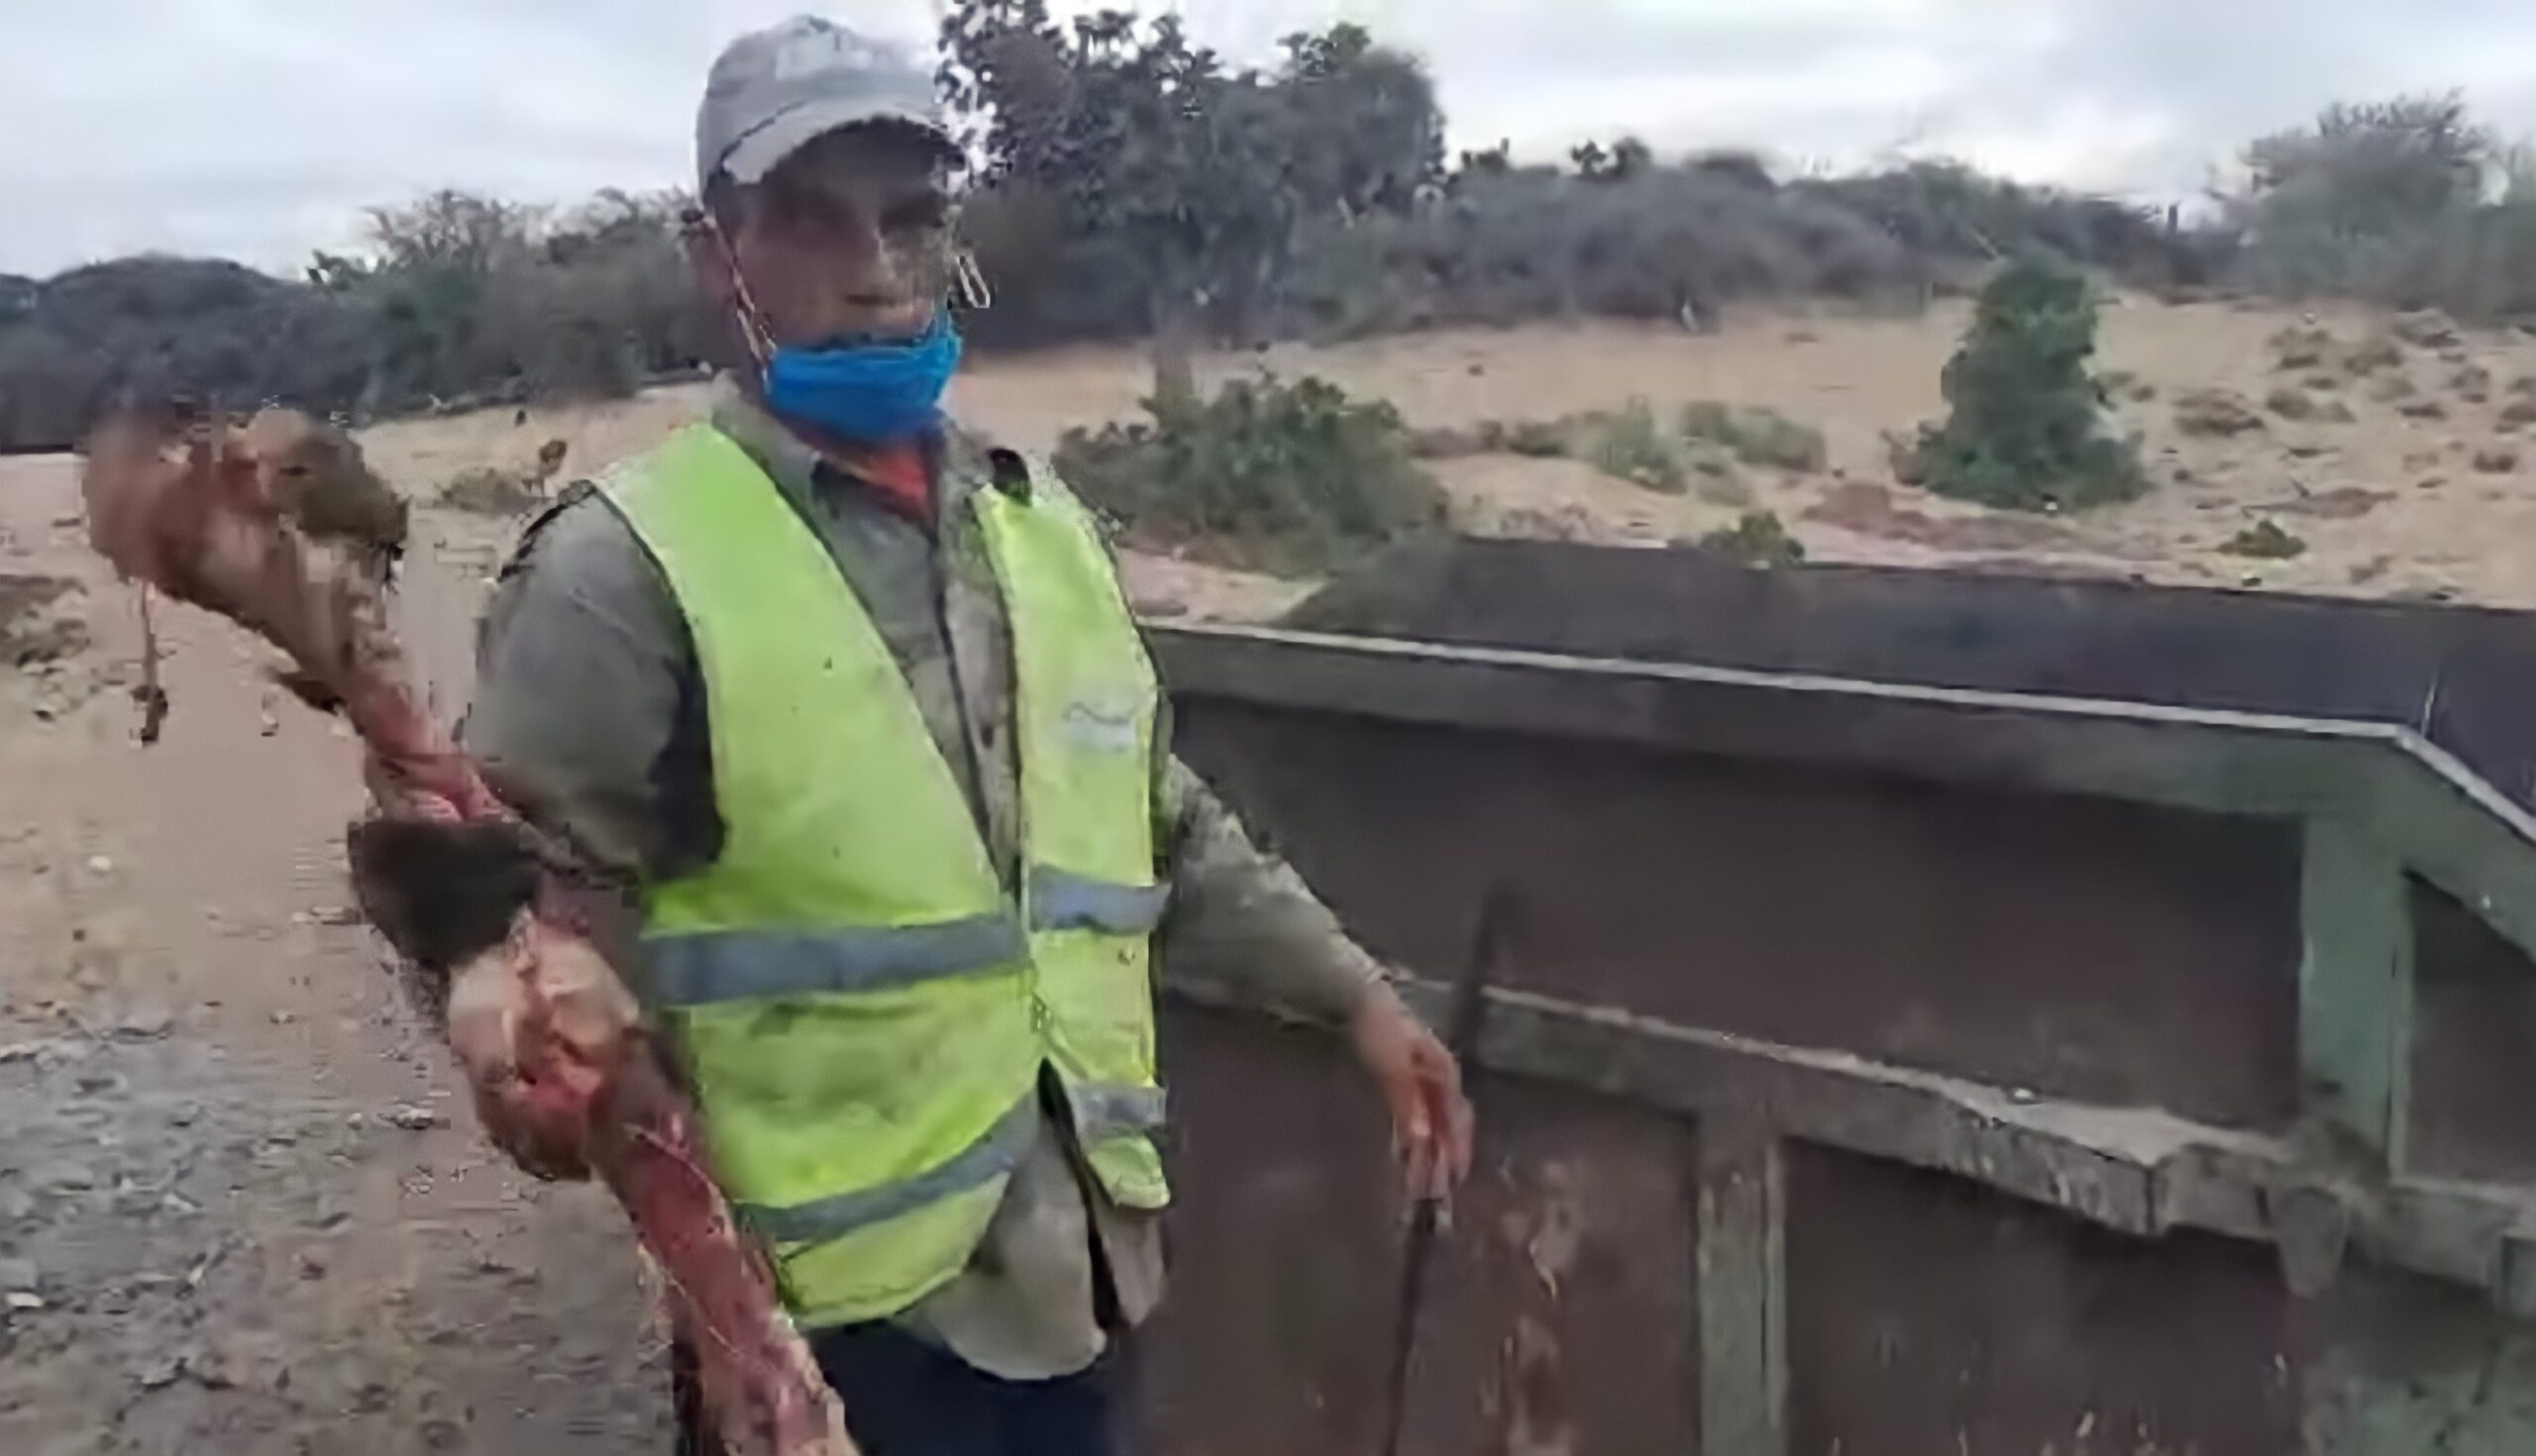 صورة المالوكي يوقف عامل النظافة الذي وجد عظام الحمير بحاوية الأزبال بأكادير